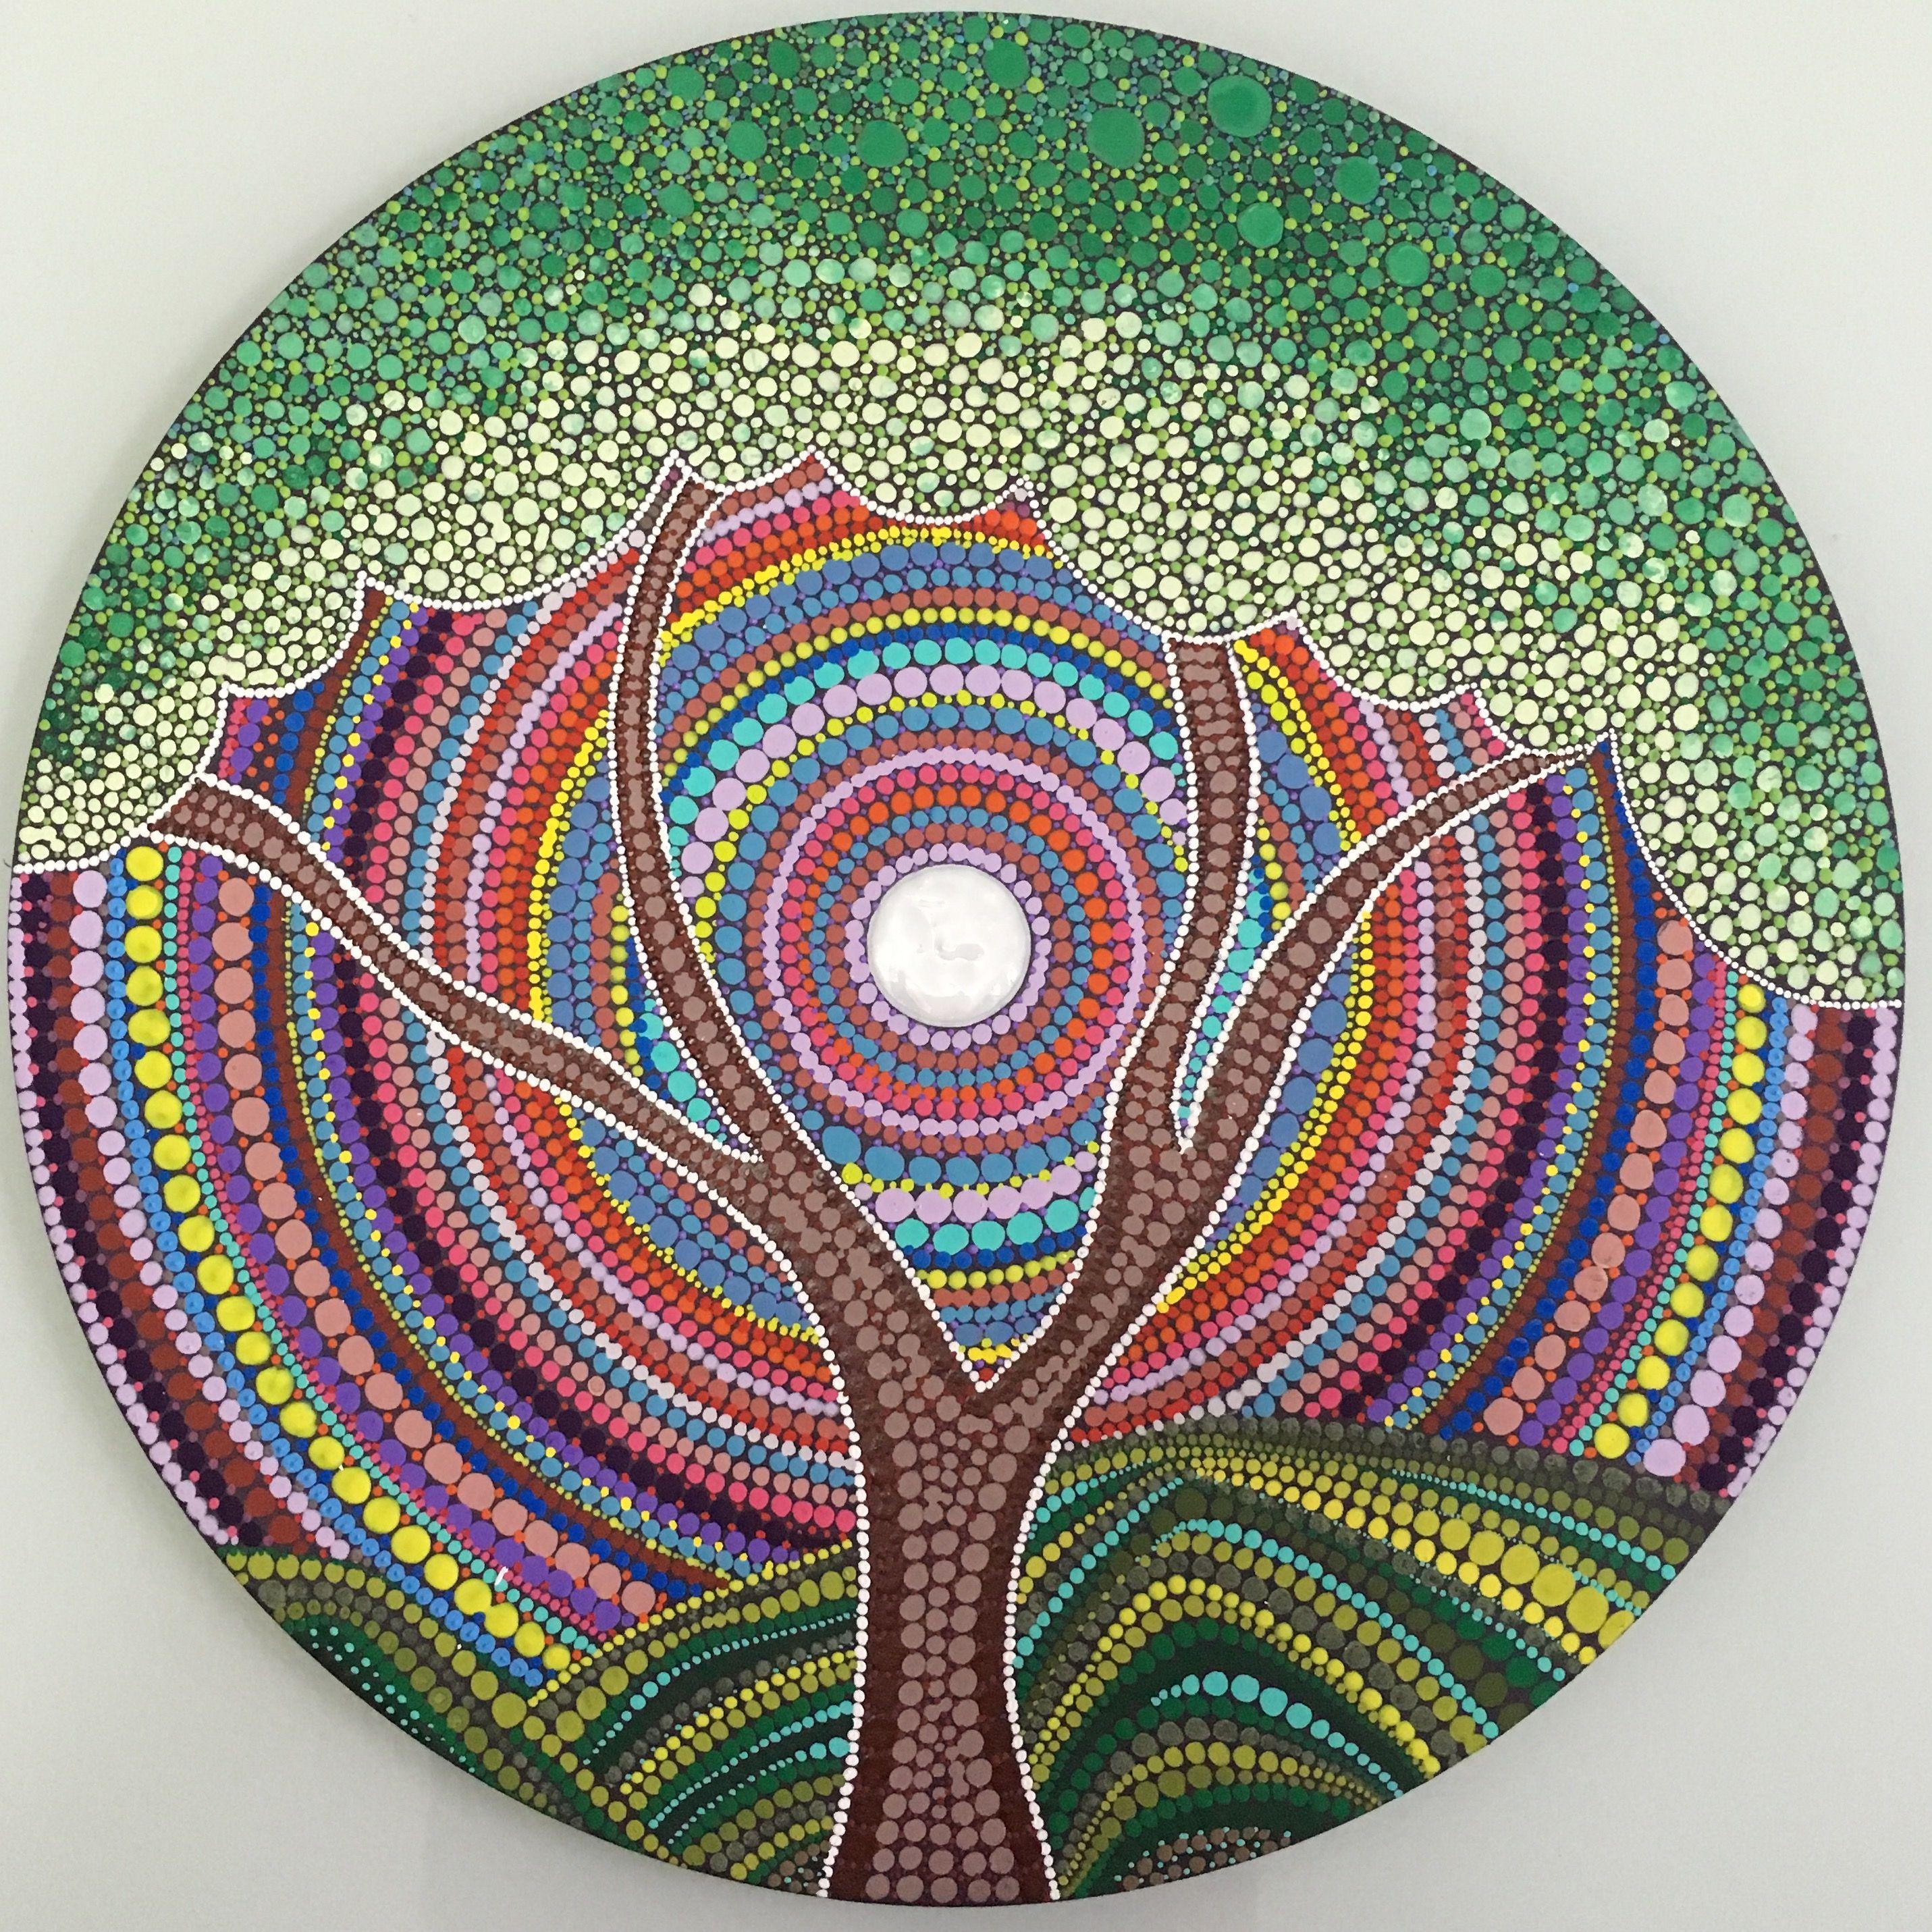 mandala mindfulness got inspiration from artists dot painting